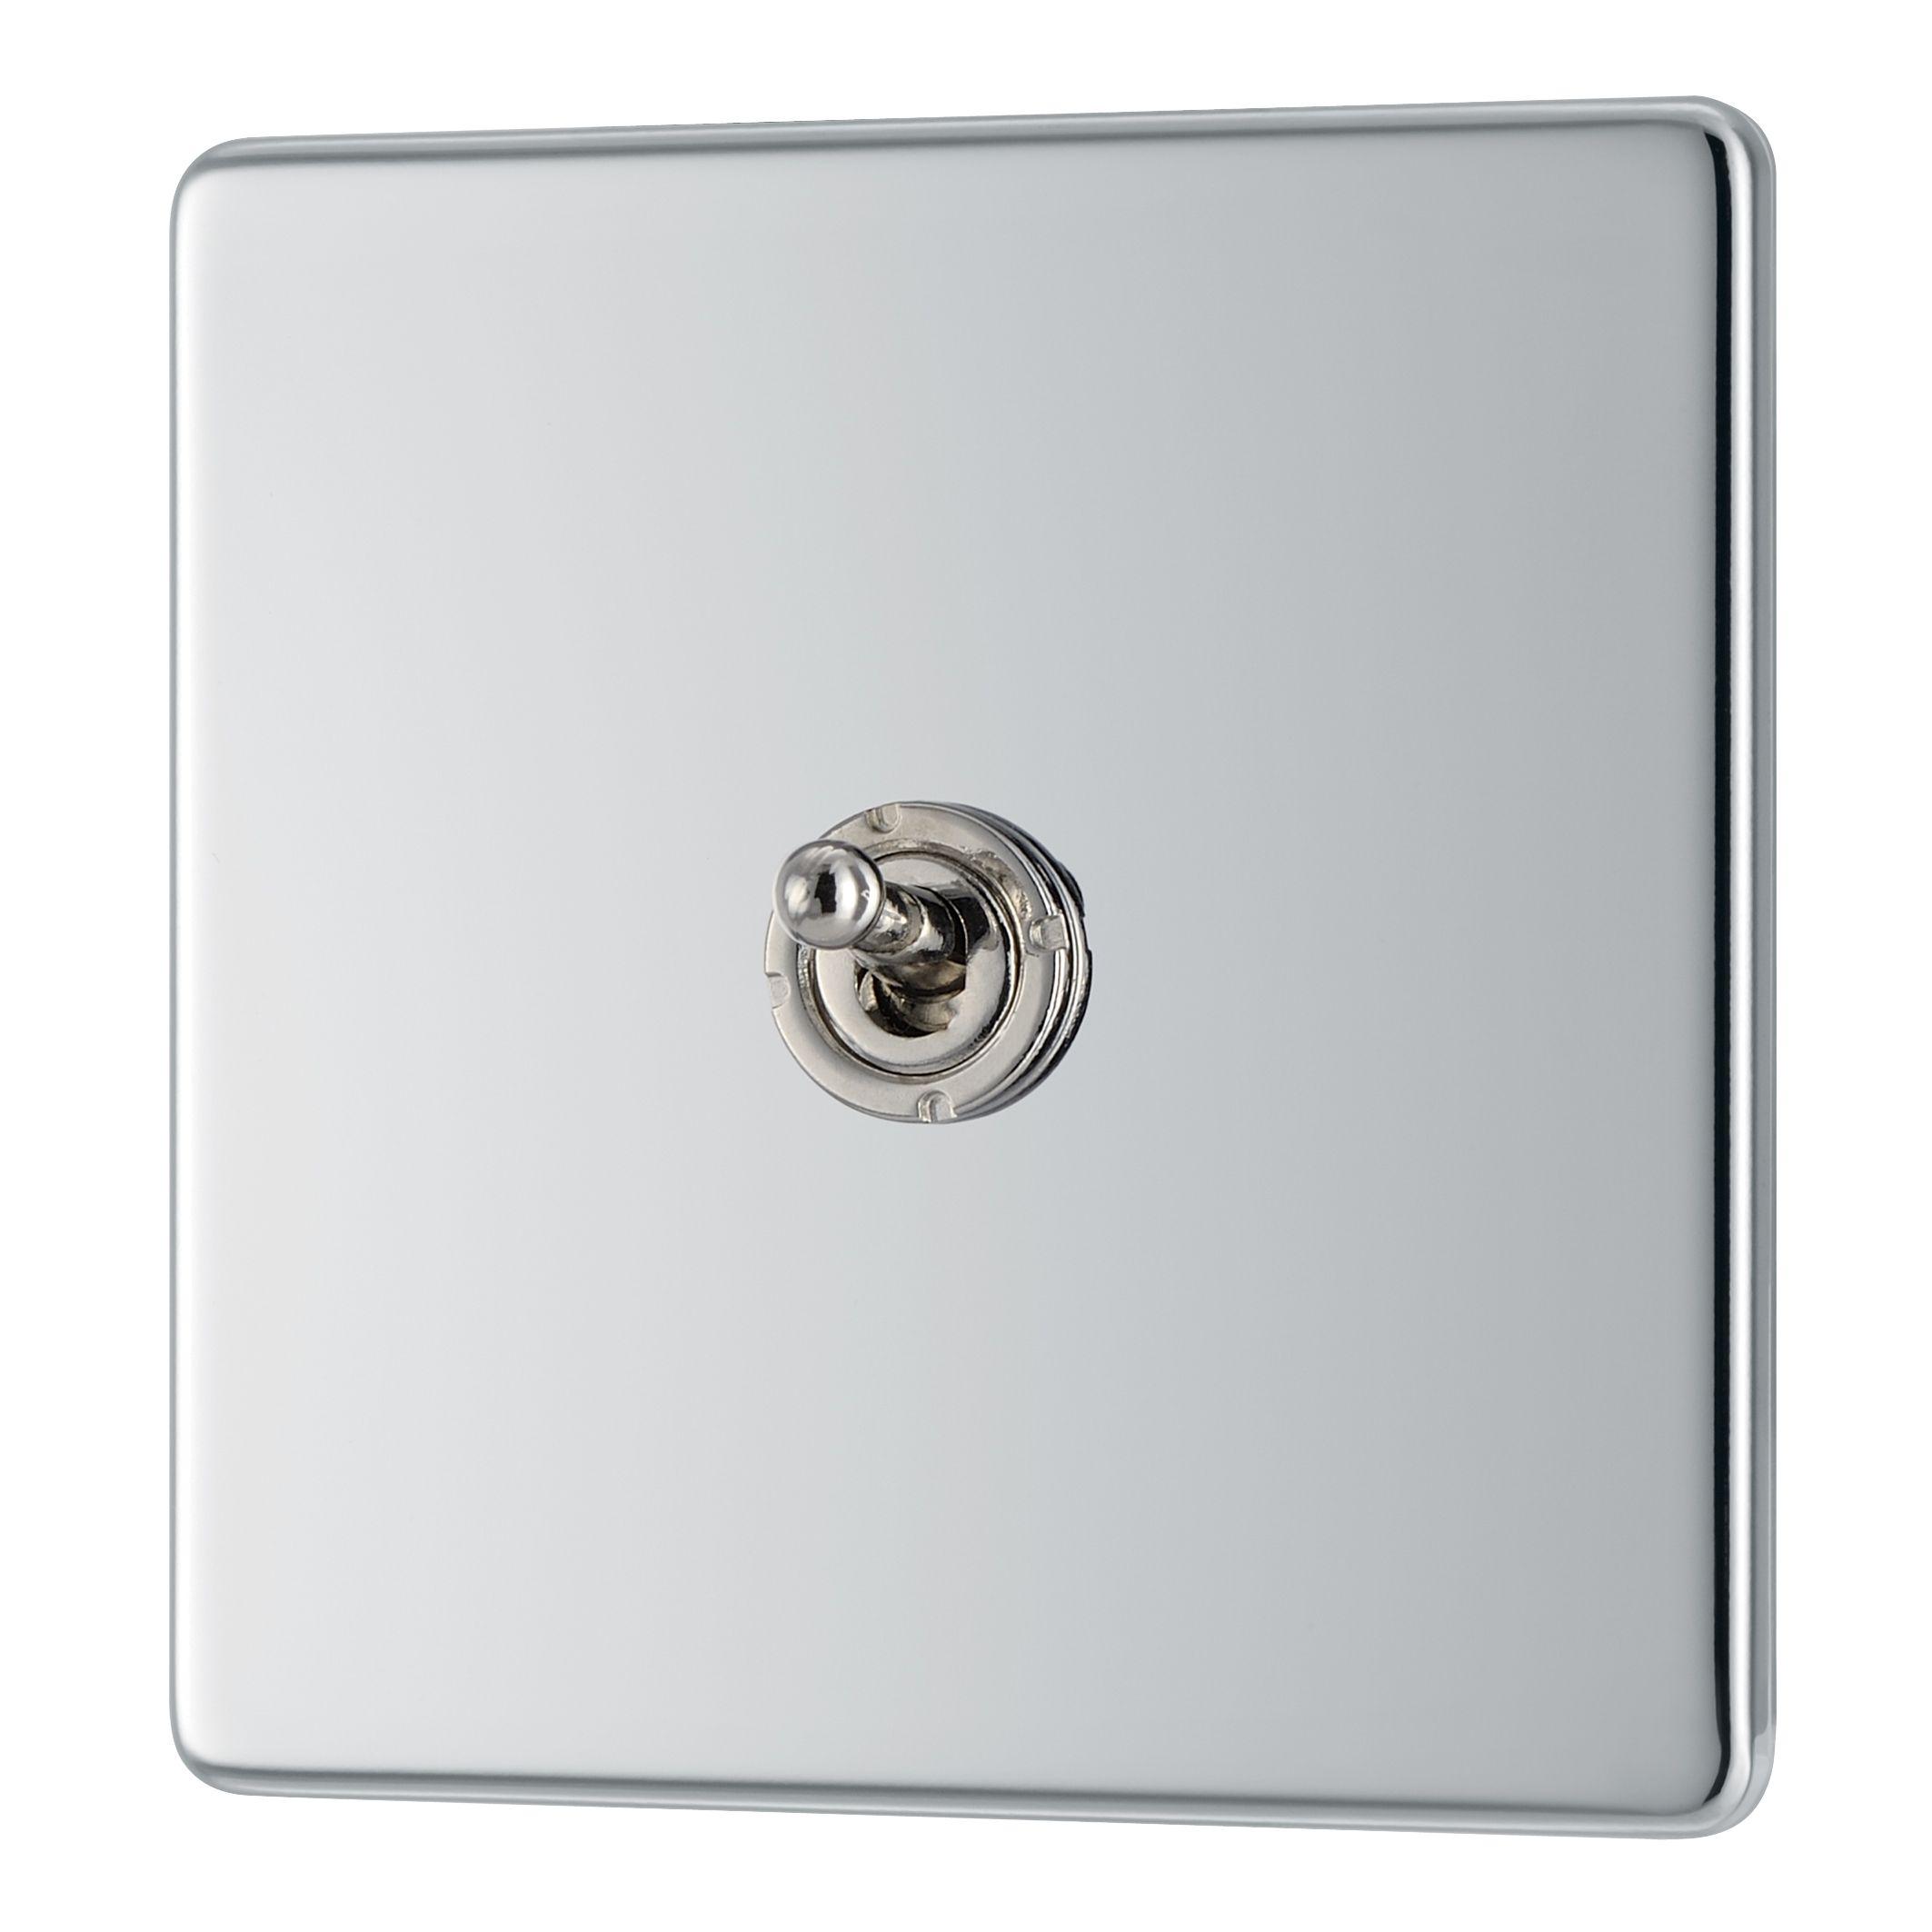 Colours 10a 2-way Single Polished Chrome Toggle Switch